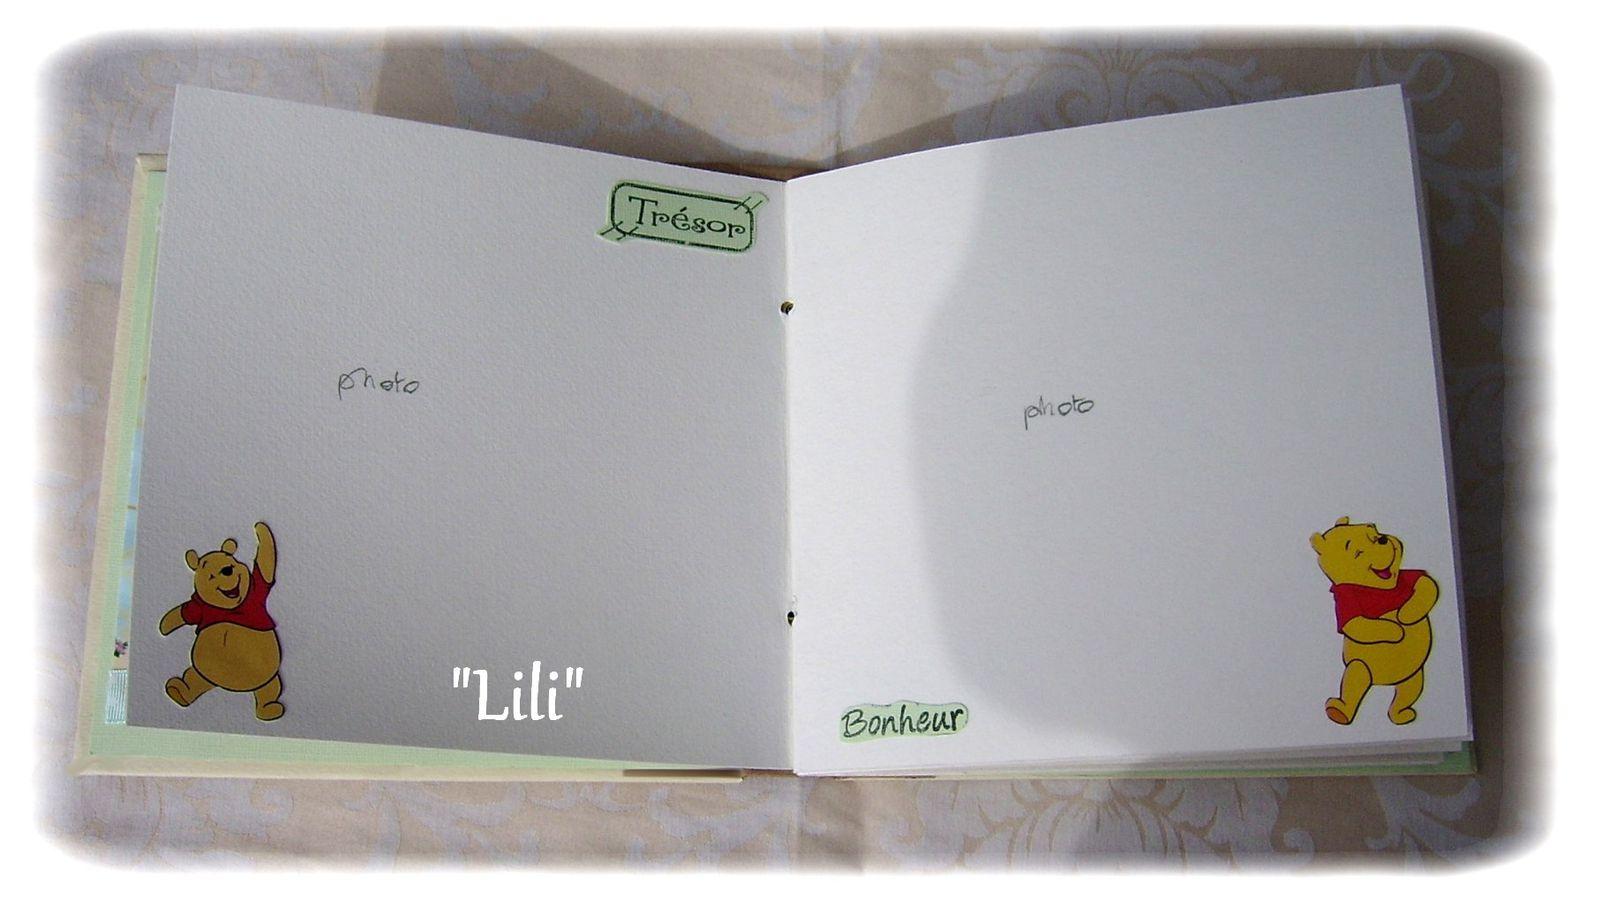 Une partie de l'intérieur ou il y a 10 pages,la maman pourra donc y insérer 20 photos